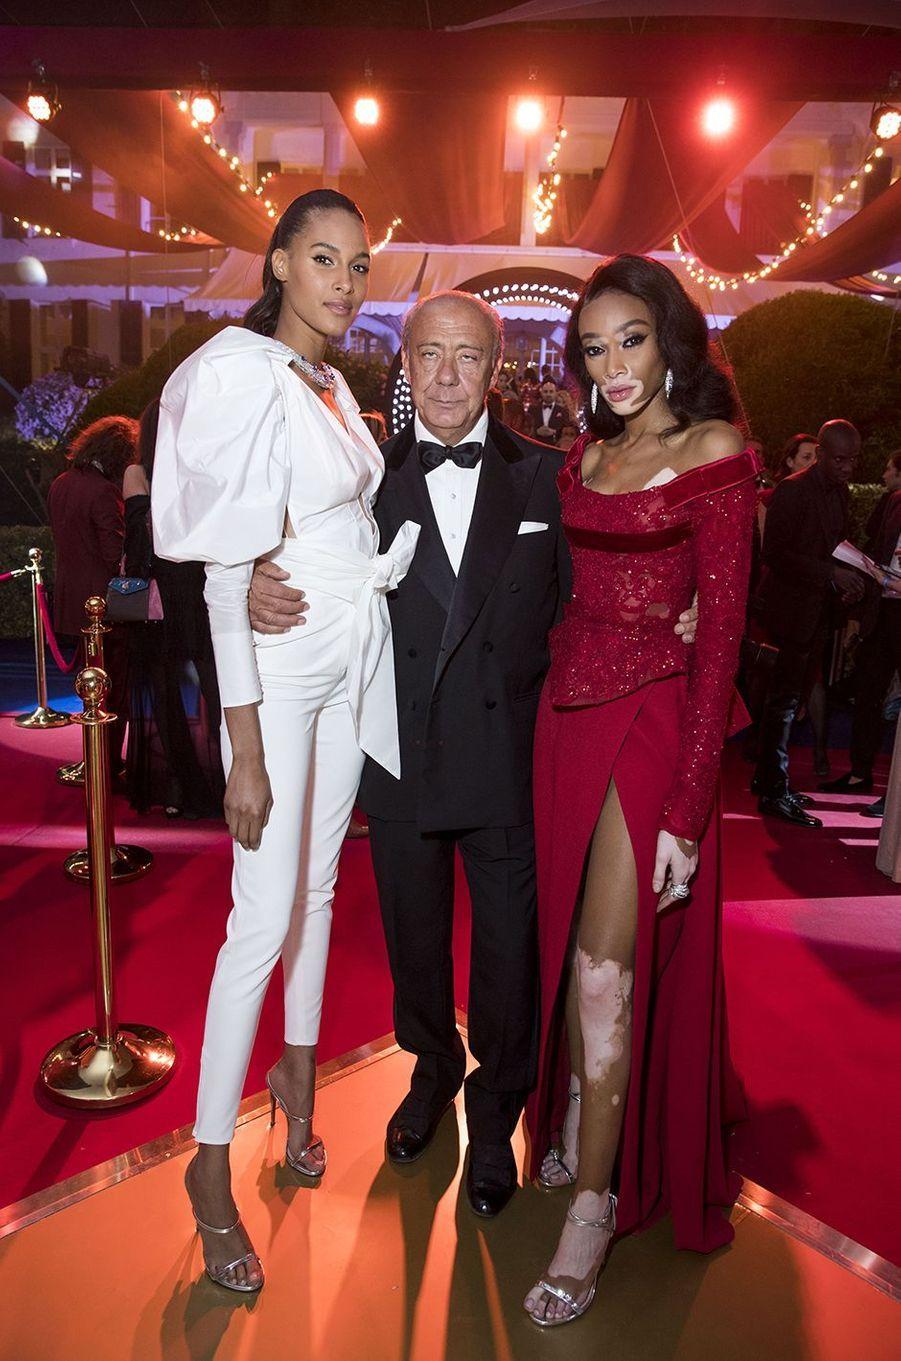 Cindy Bruna, Winnie Harlow et Fawaz Gruosi à la soirée De Grisogono au Cap d'Antibes, le 15 mai 2018.